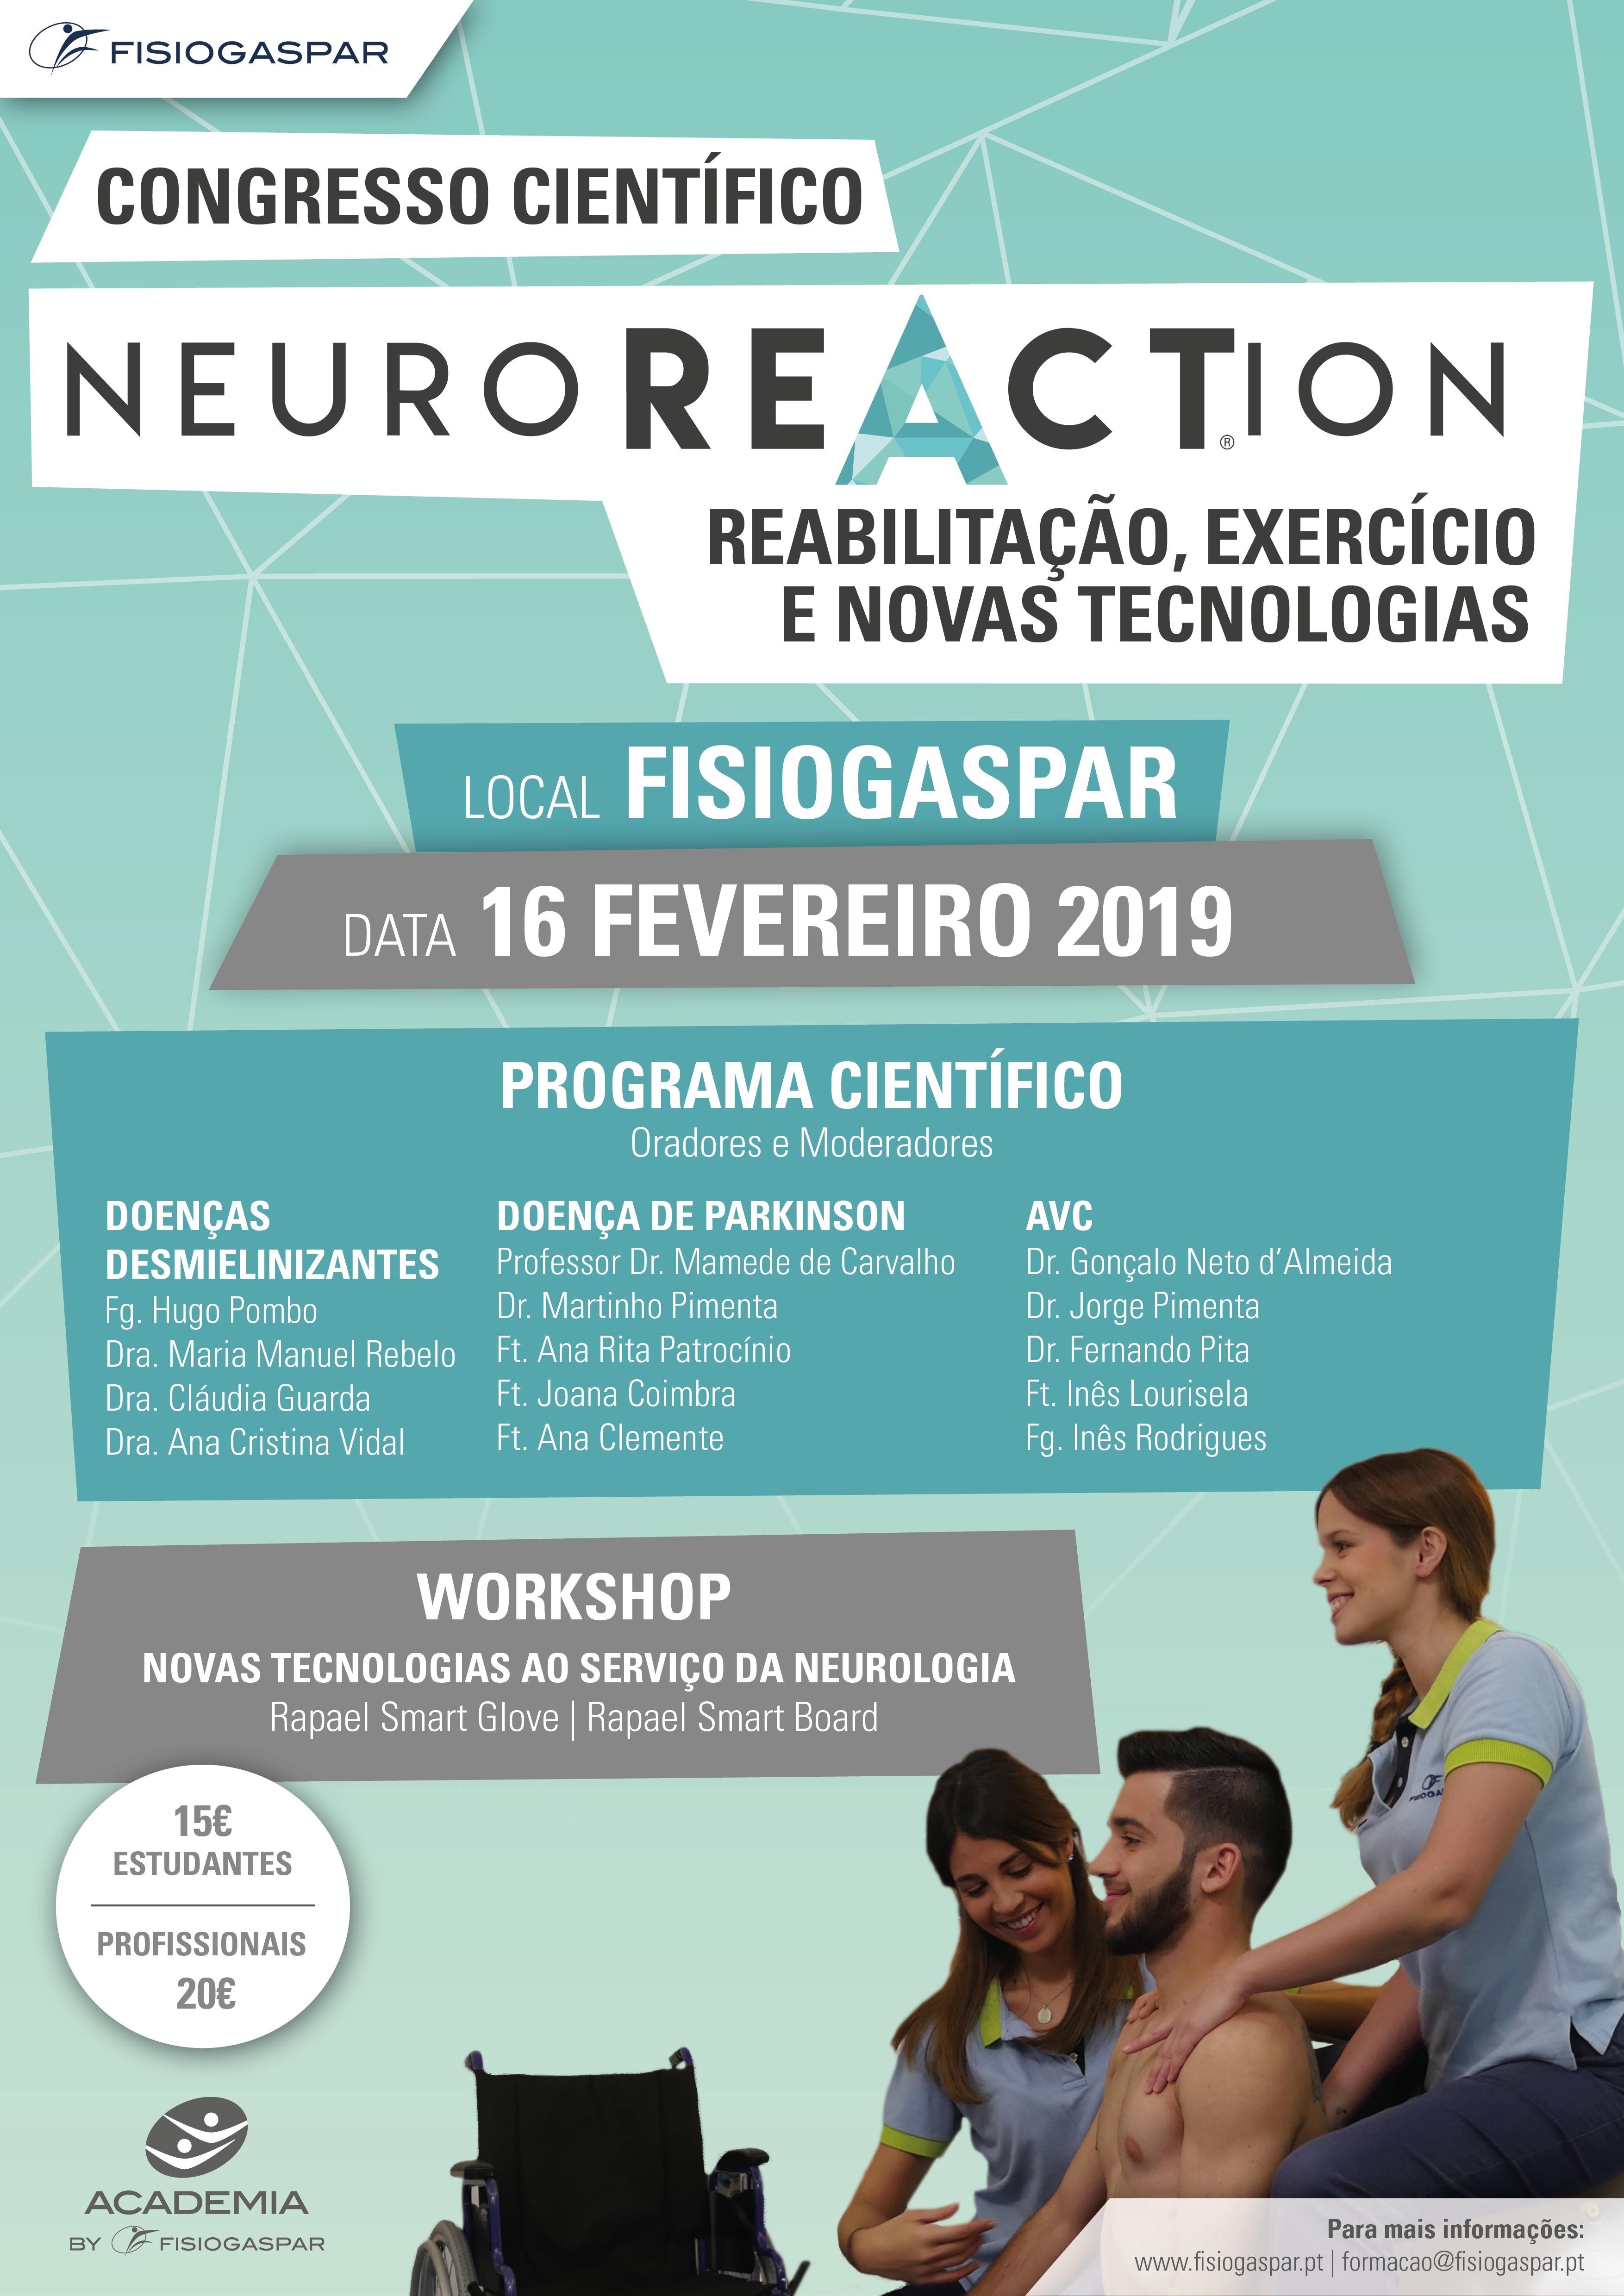 congresso cientifico Lisboa 16 Fevereiro 2019 inscrições esgotadas